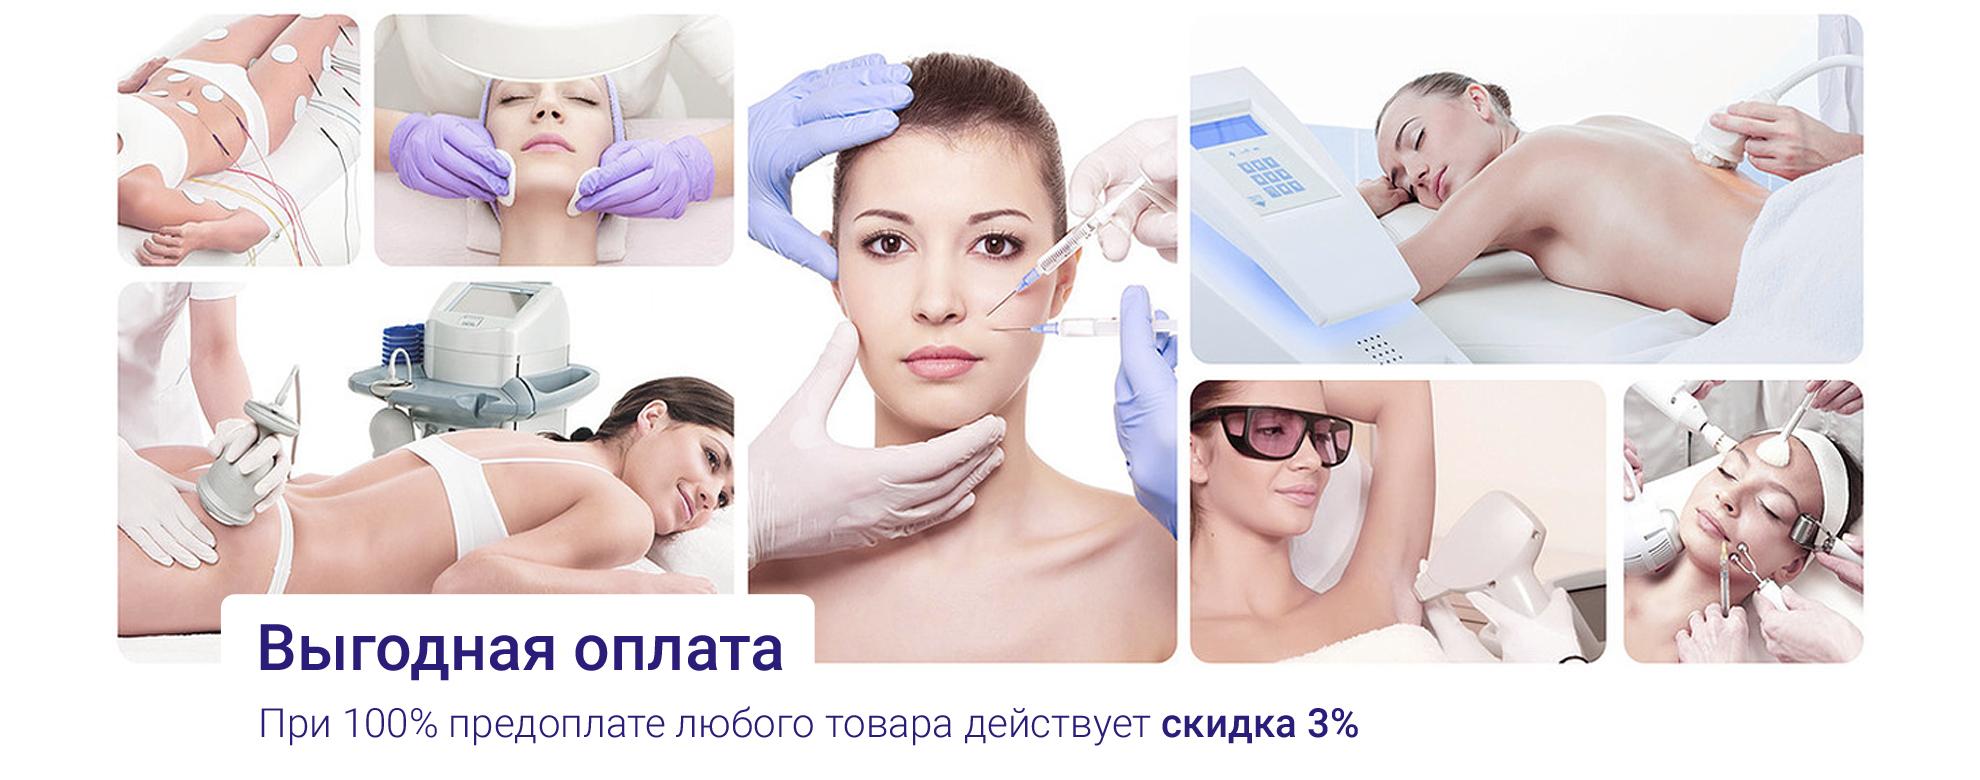 Профессиональное оборудование для салонов красоты и косметологии MagiCosmo  3